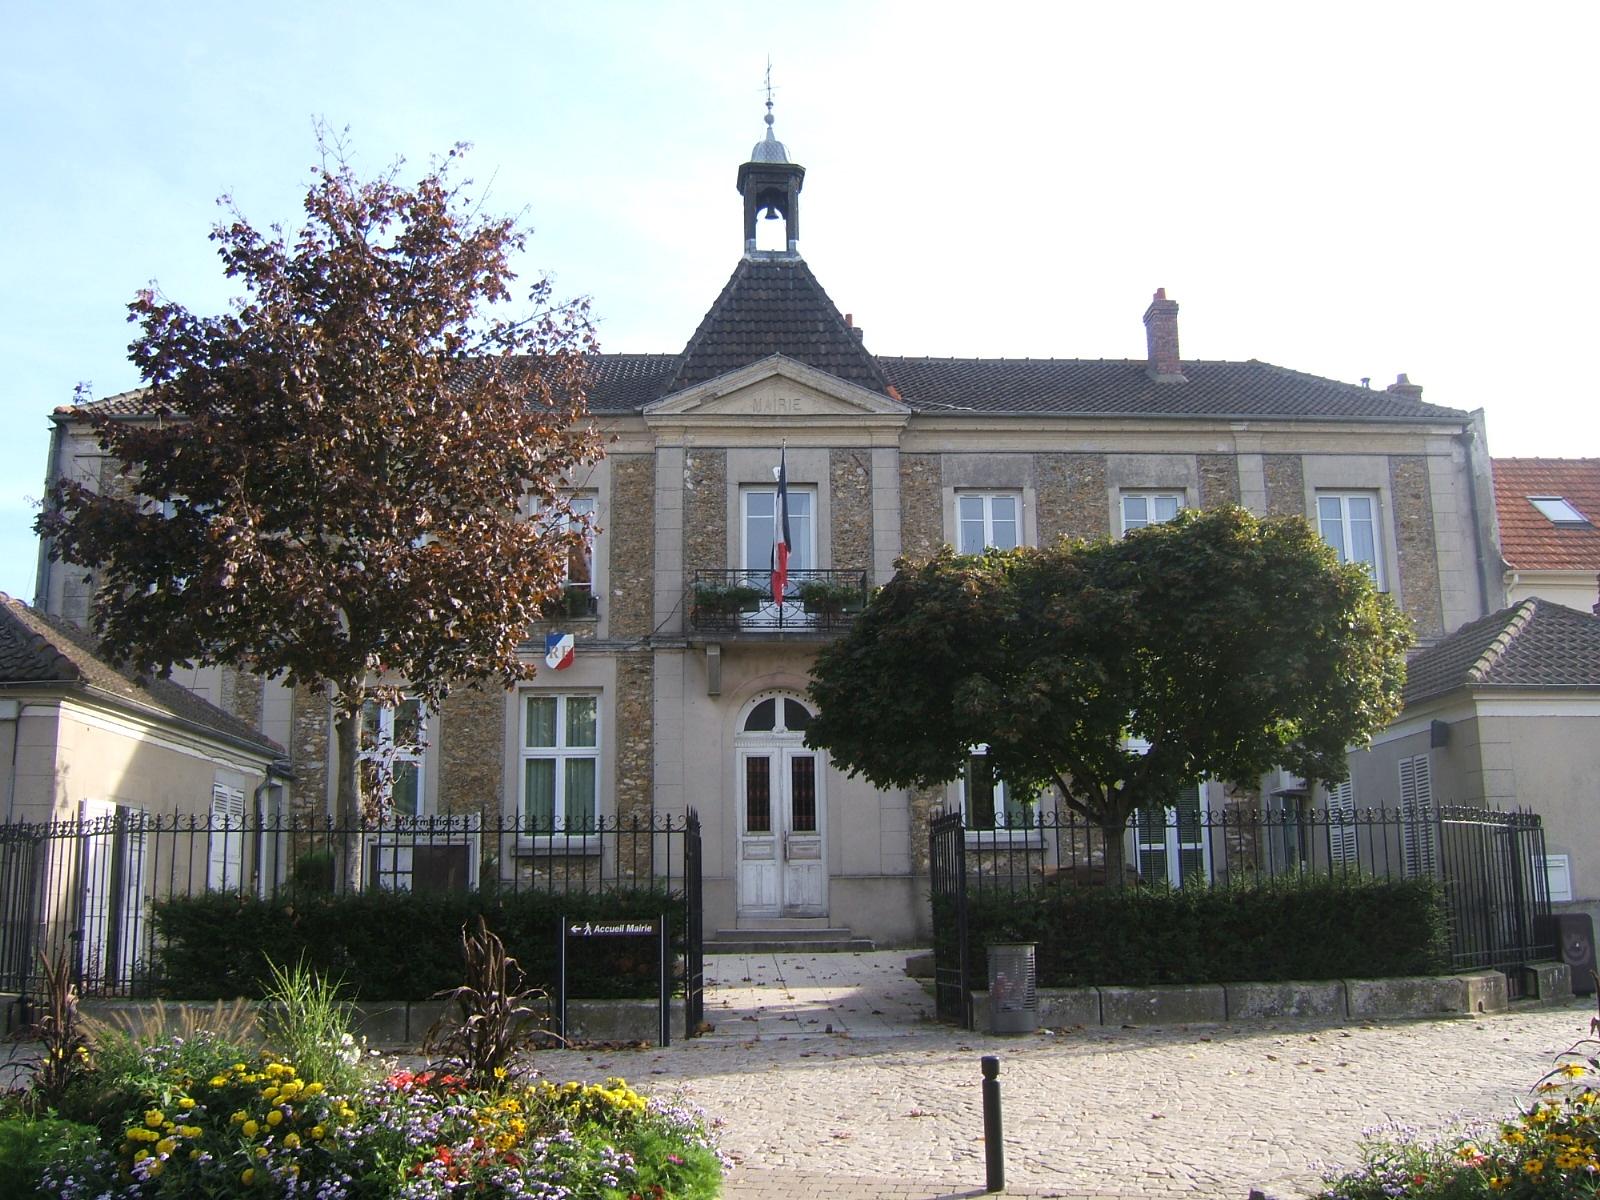 Rencontres senior à Bussy-Saint-Georges | Disons Demain